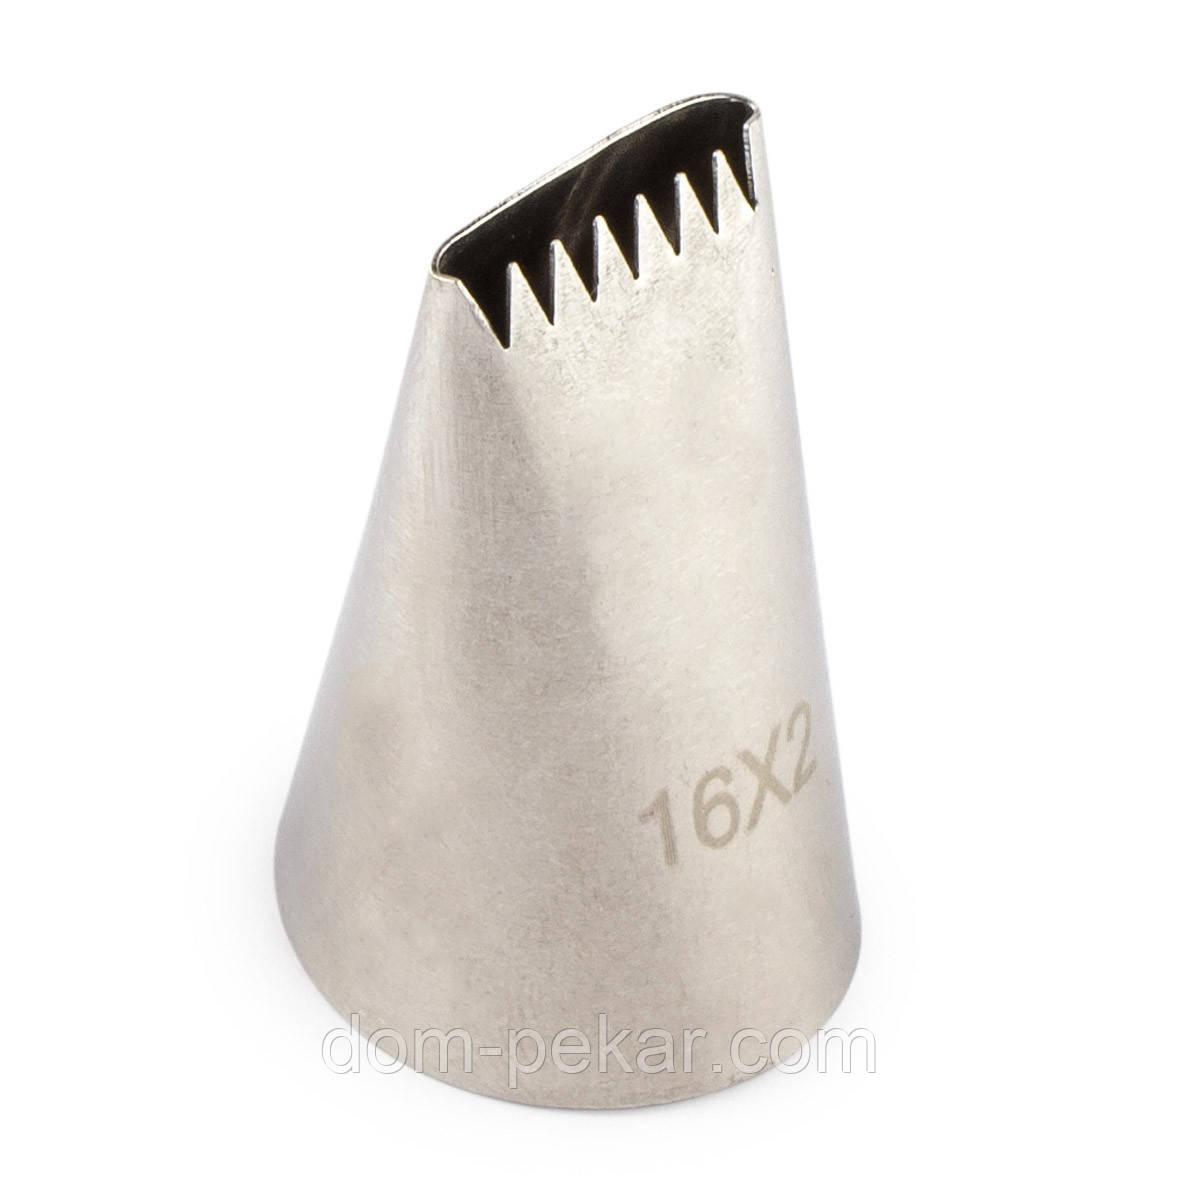 Насадка кондитерская 1 шт металл Дорожка 16х2 (25 мм)